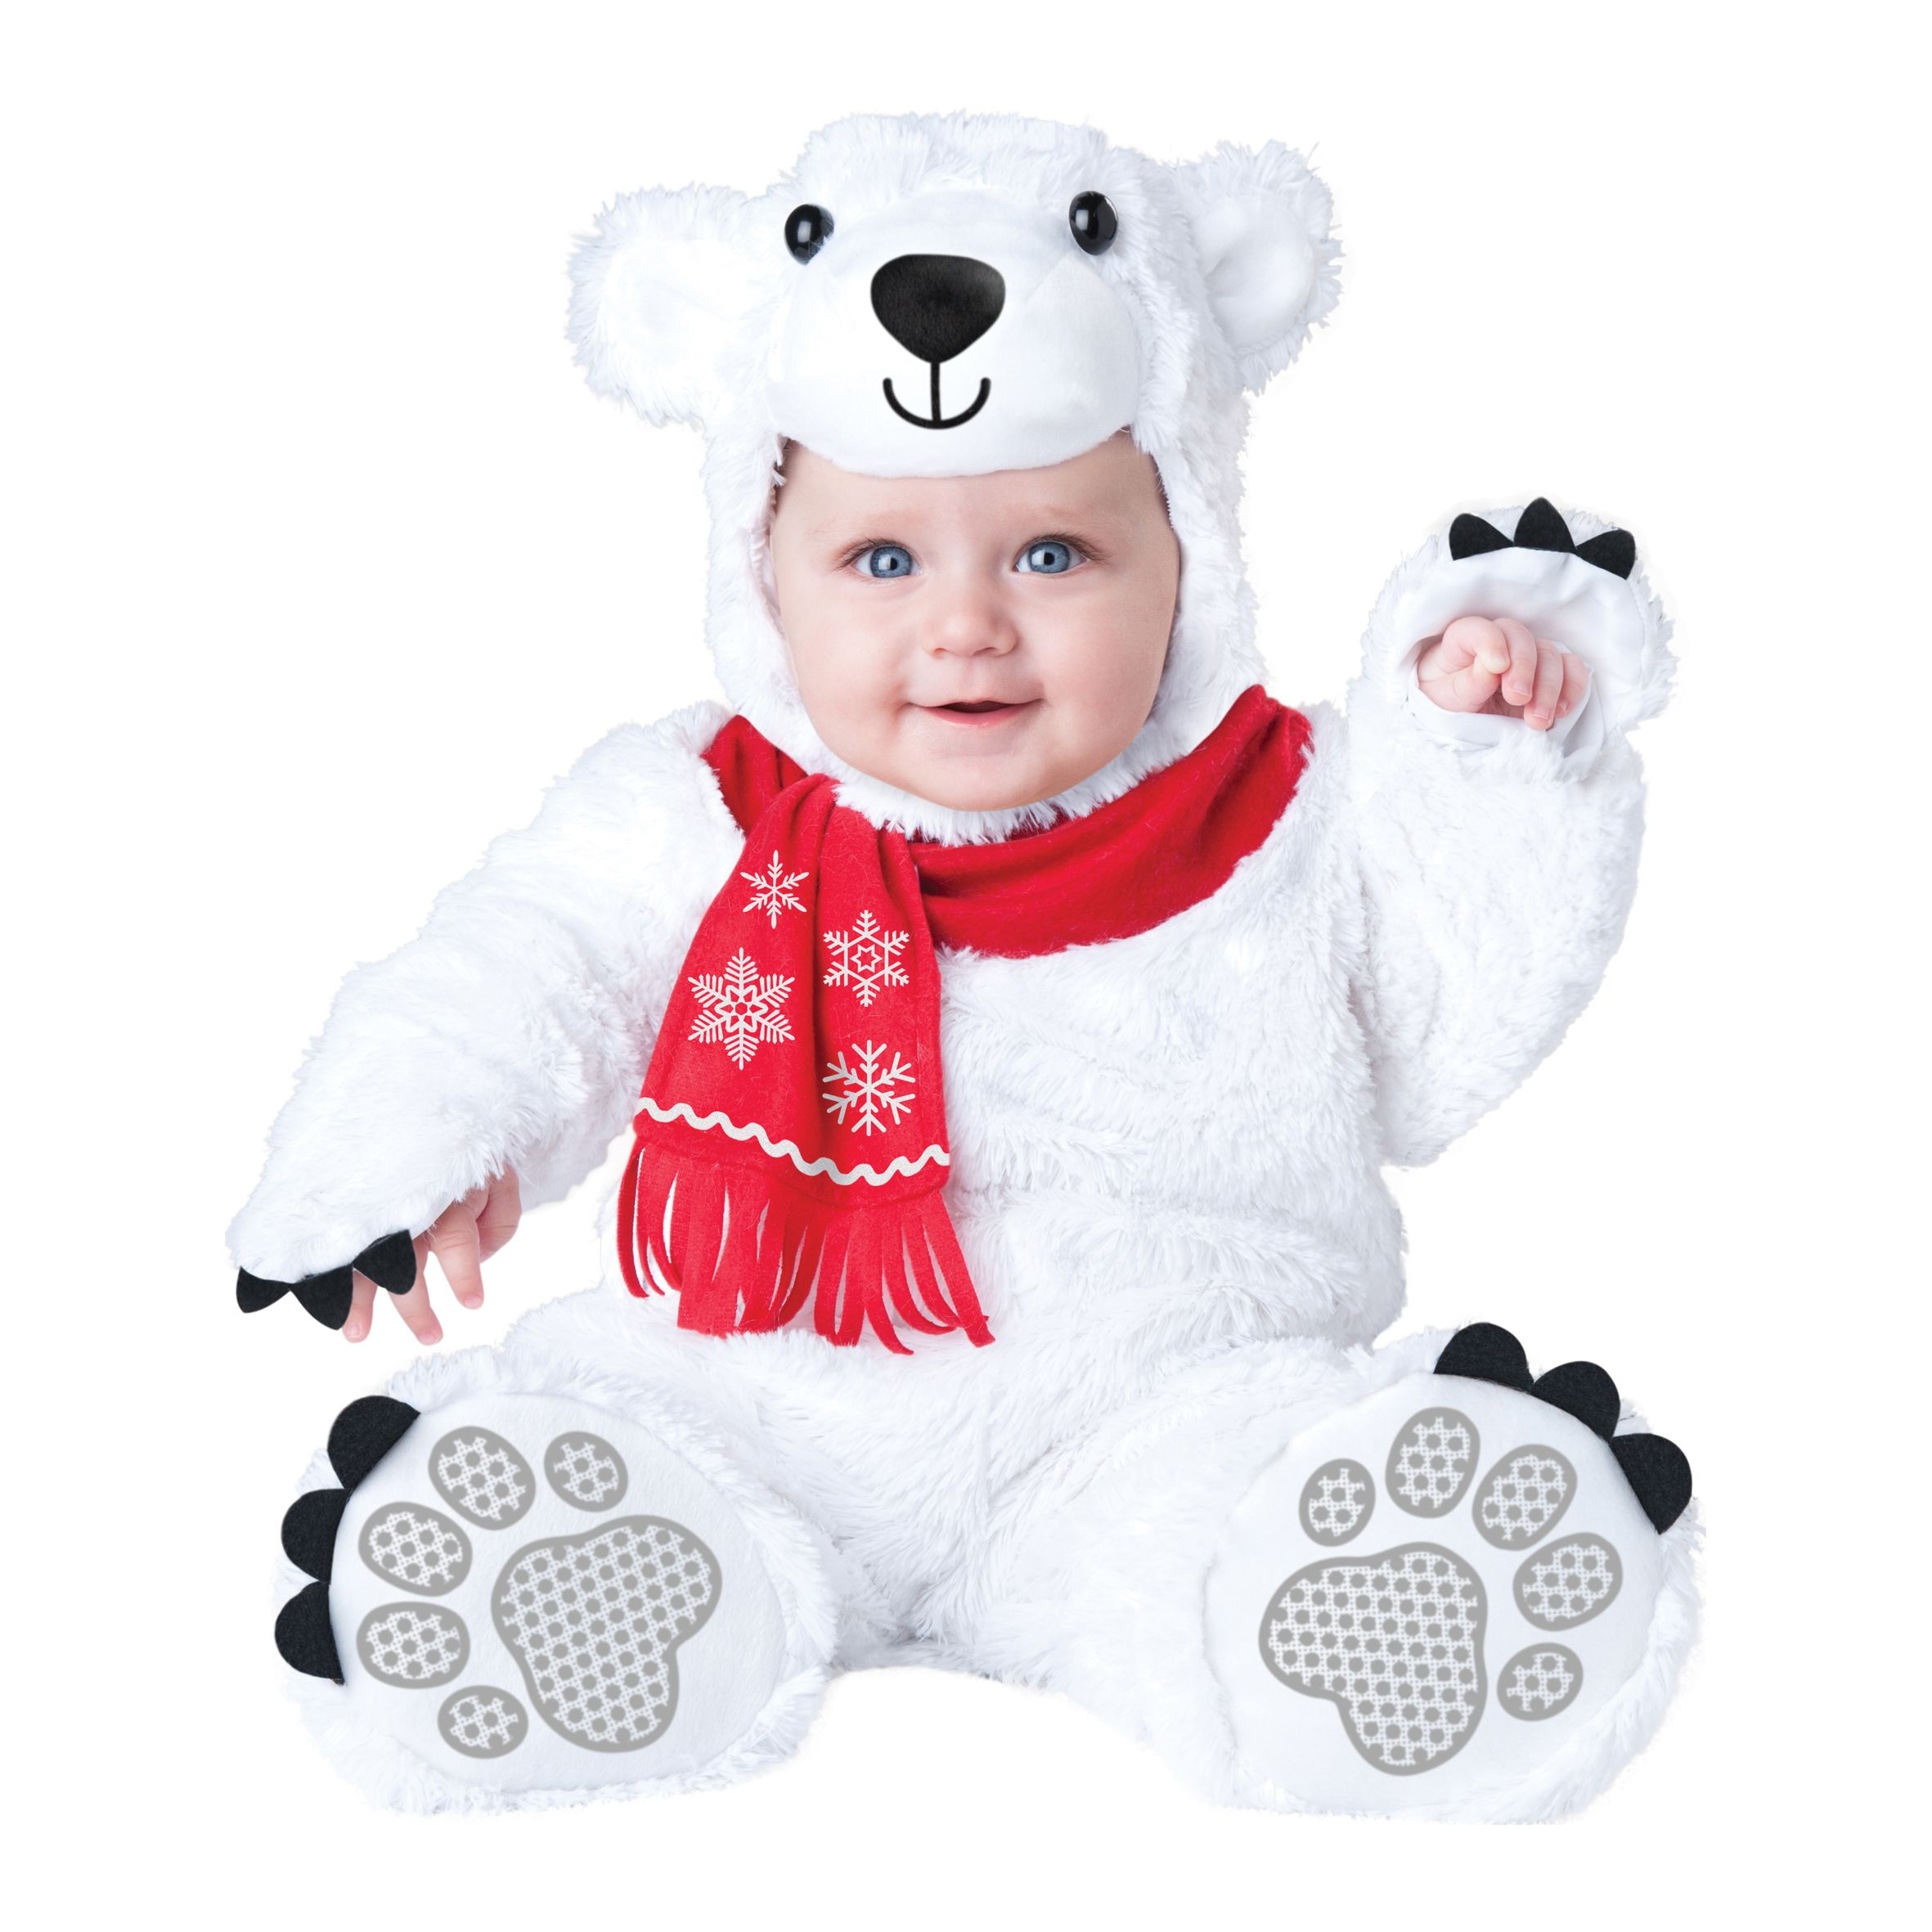 disfraz bebe disfraces nios navidad proyectos trajes beb de halloween bricolaje halloween ideas para disfraces disfraces infantiles osos polares